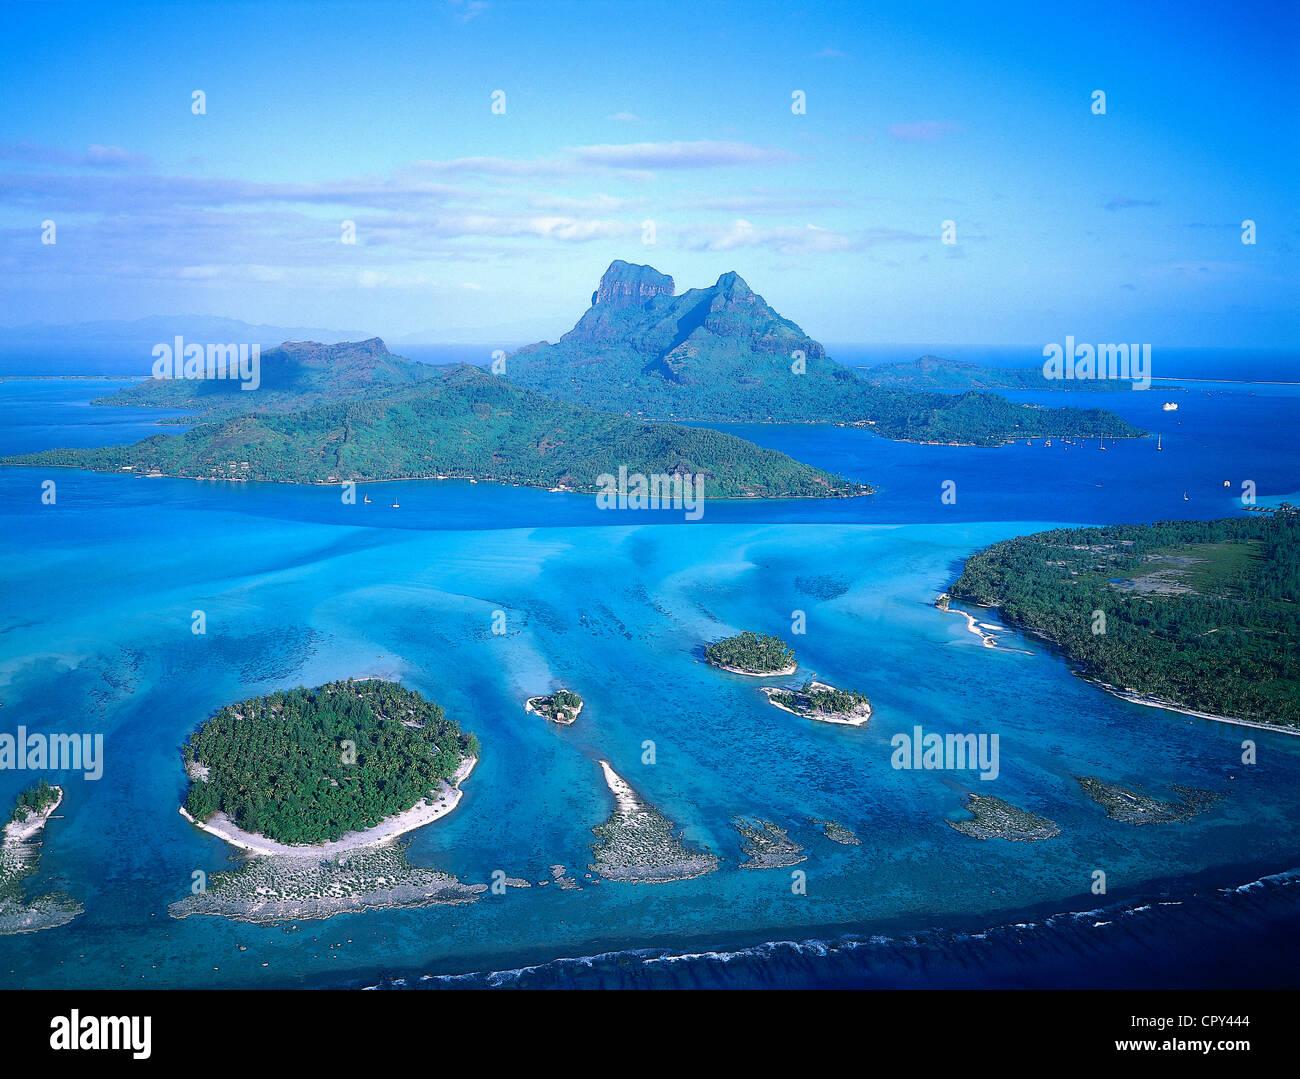 Francia Polinesia francese Isole della Società arcipelago delle Isole Sottovento, Bora Bora, l'isola e Immagini Stock